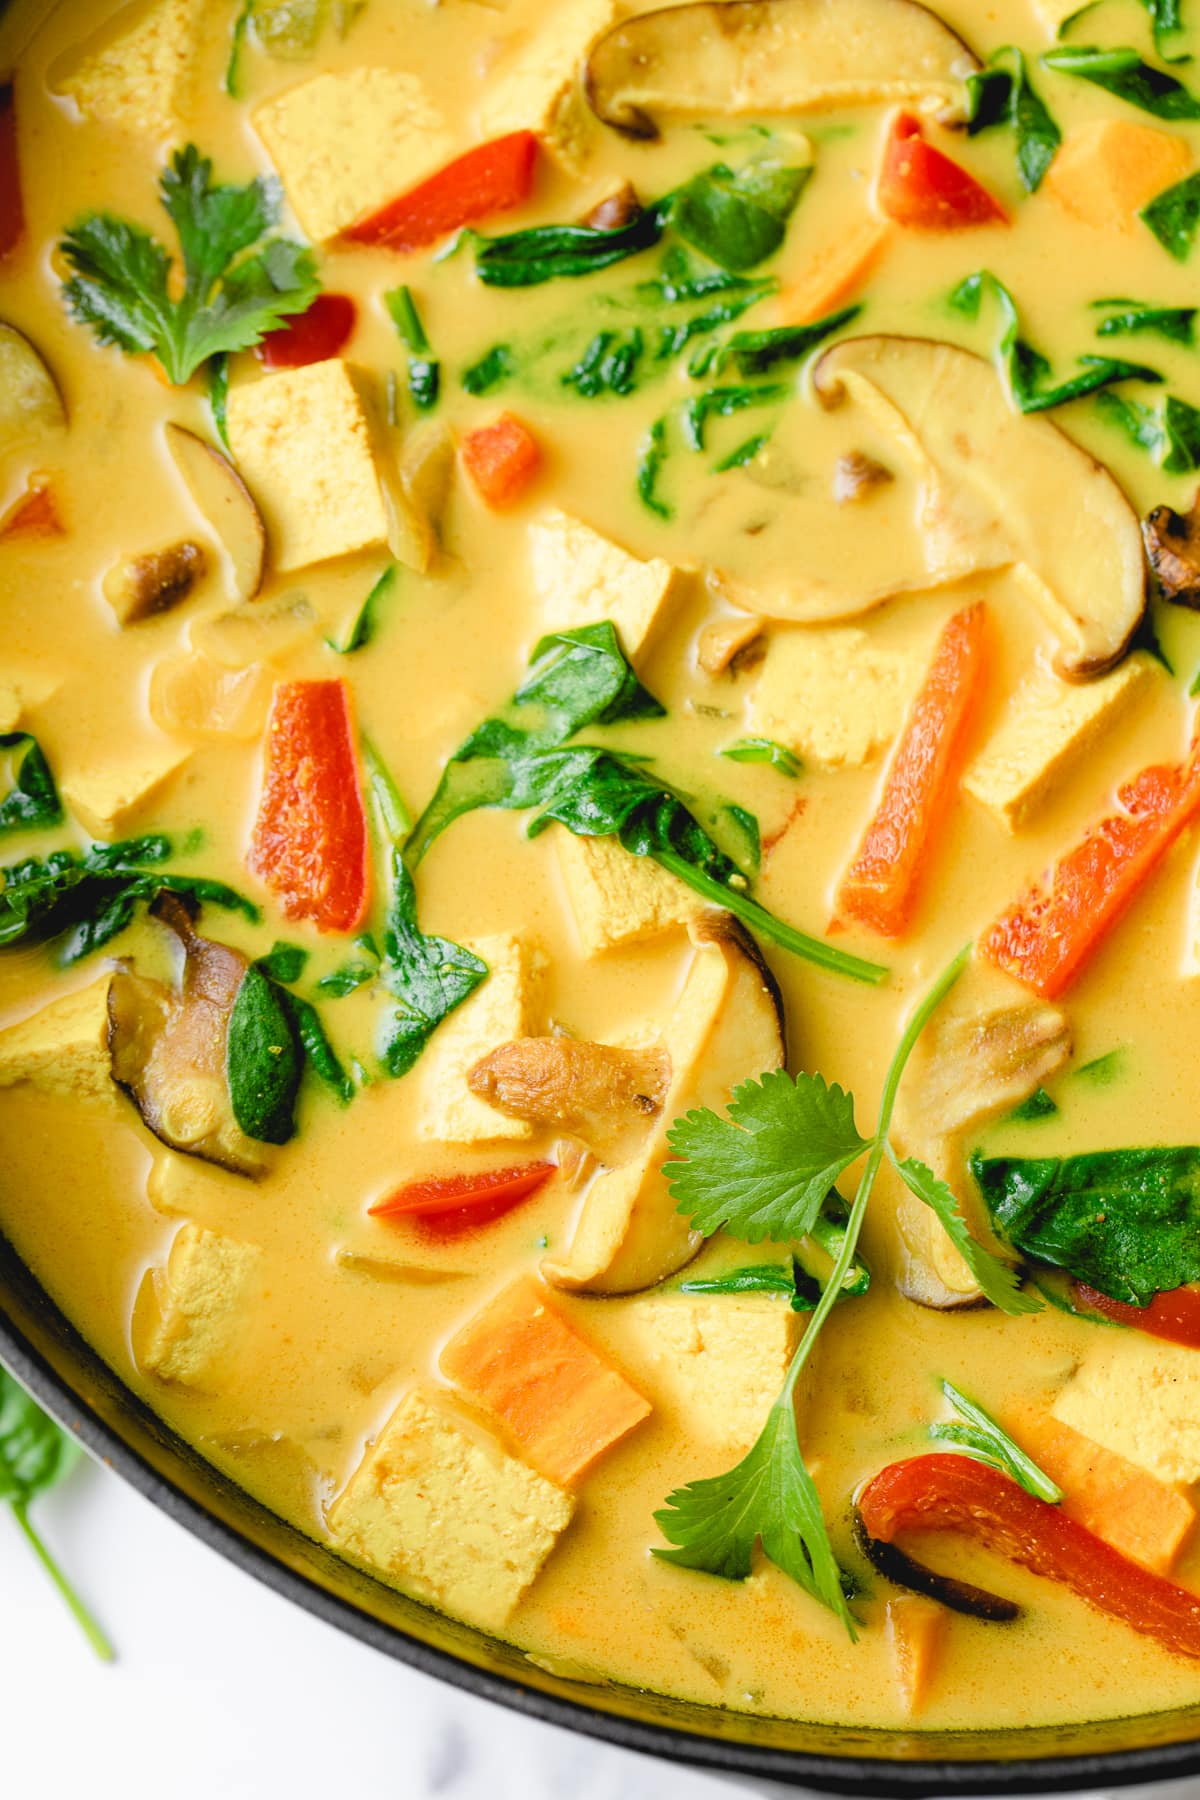 up close view of pot of fresh made vegan tofu curry.